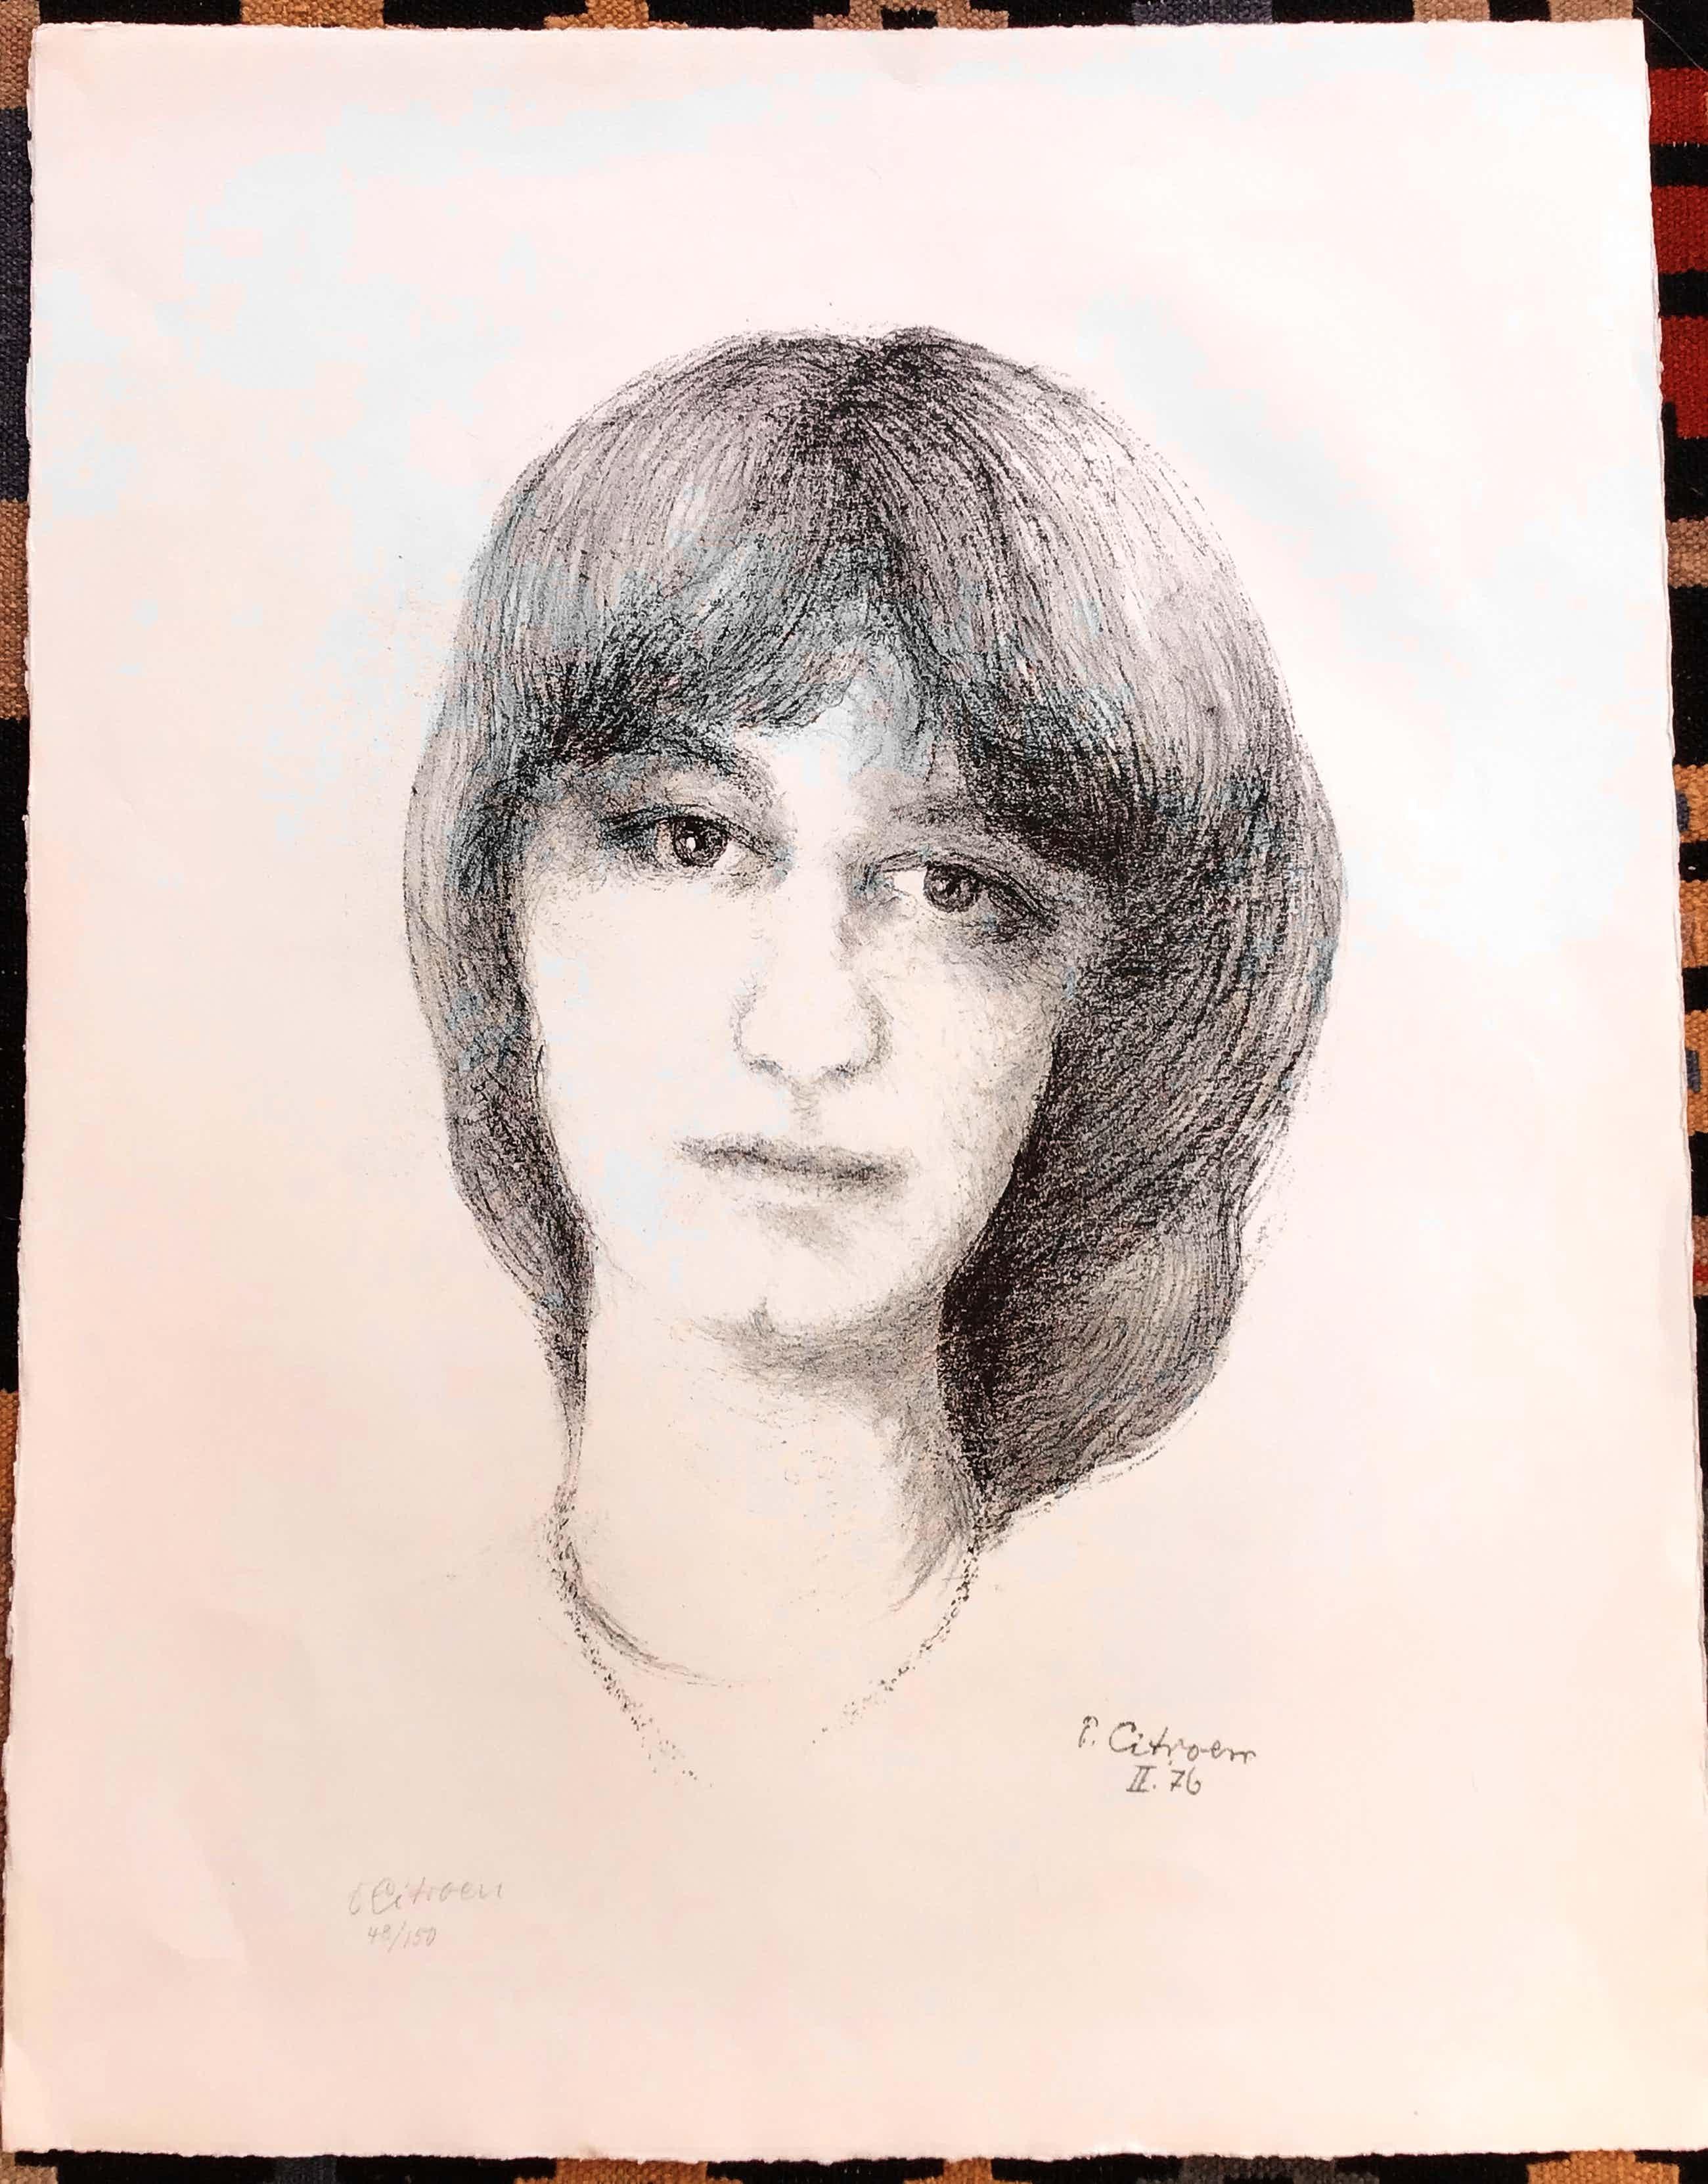 Paul Citroen - Portret van een vrouw, gesigneerde litho, 48/150 kopen? Bied vanaf 50!